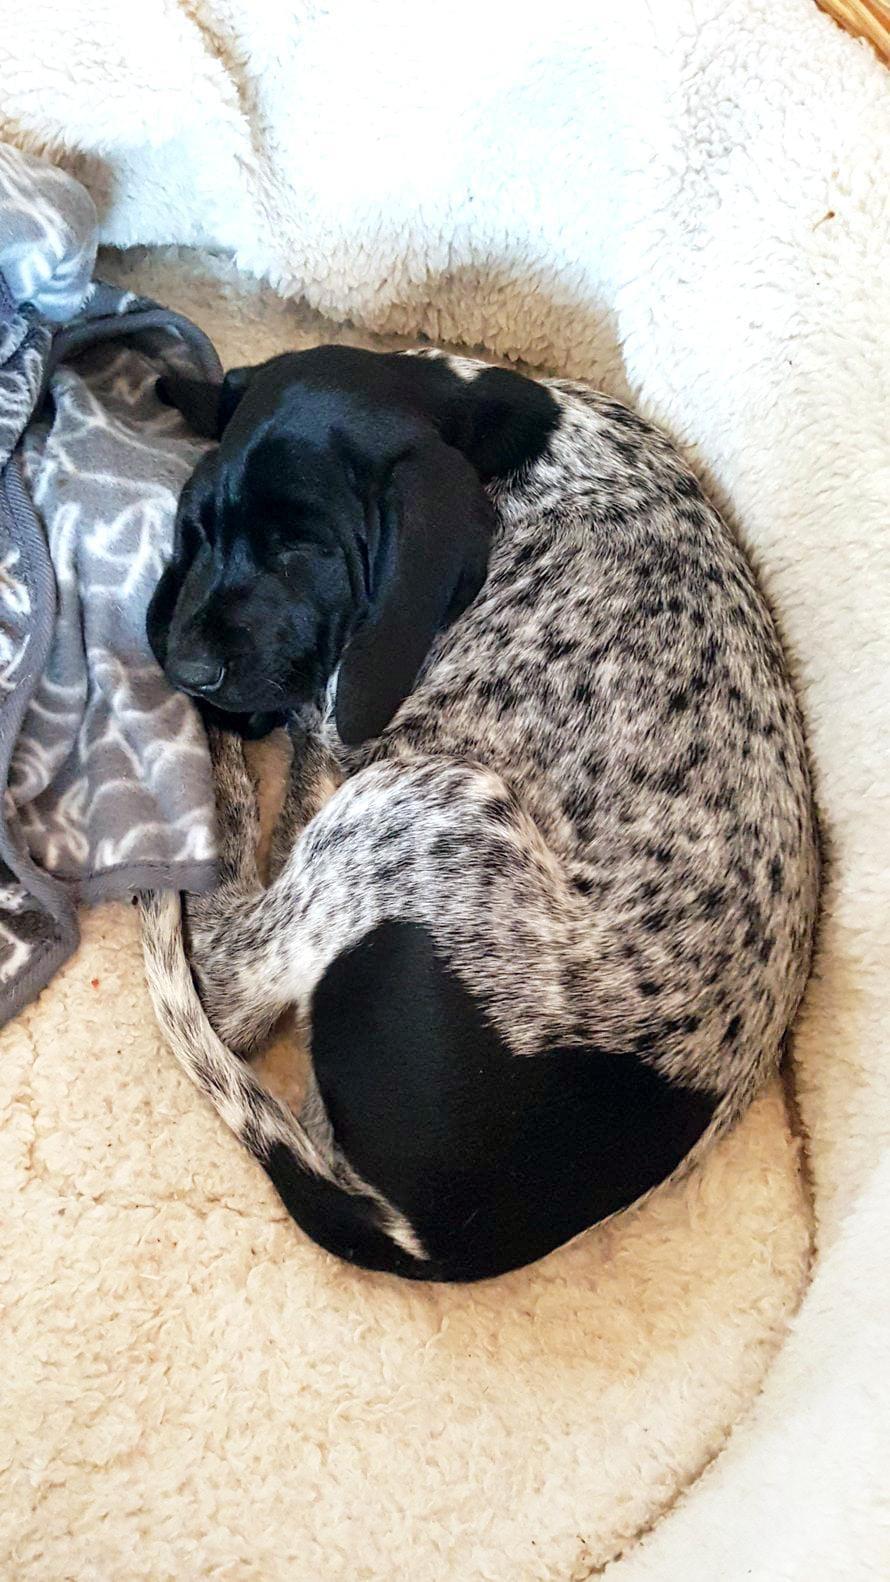 Pentuna huomattu sydänpylly on koiran kasvaessa laajentunut. Sydämellinen perhekoira.